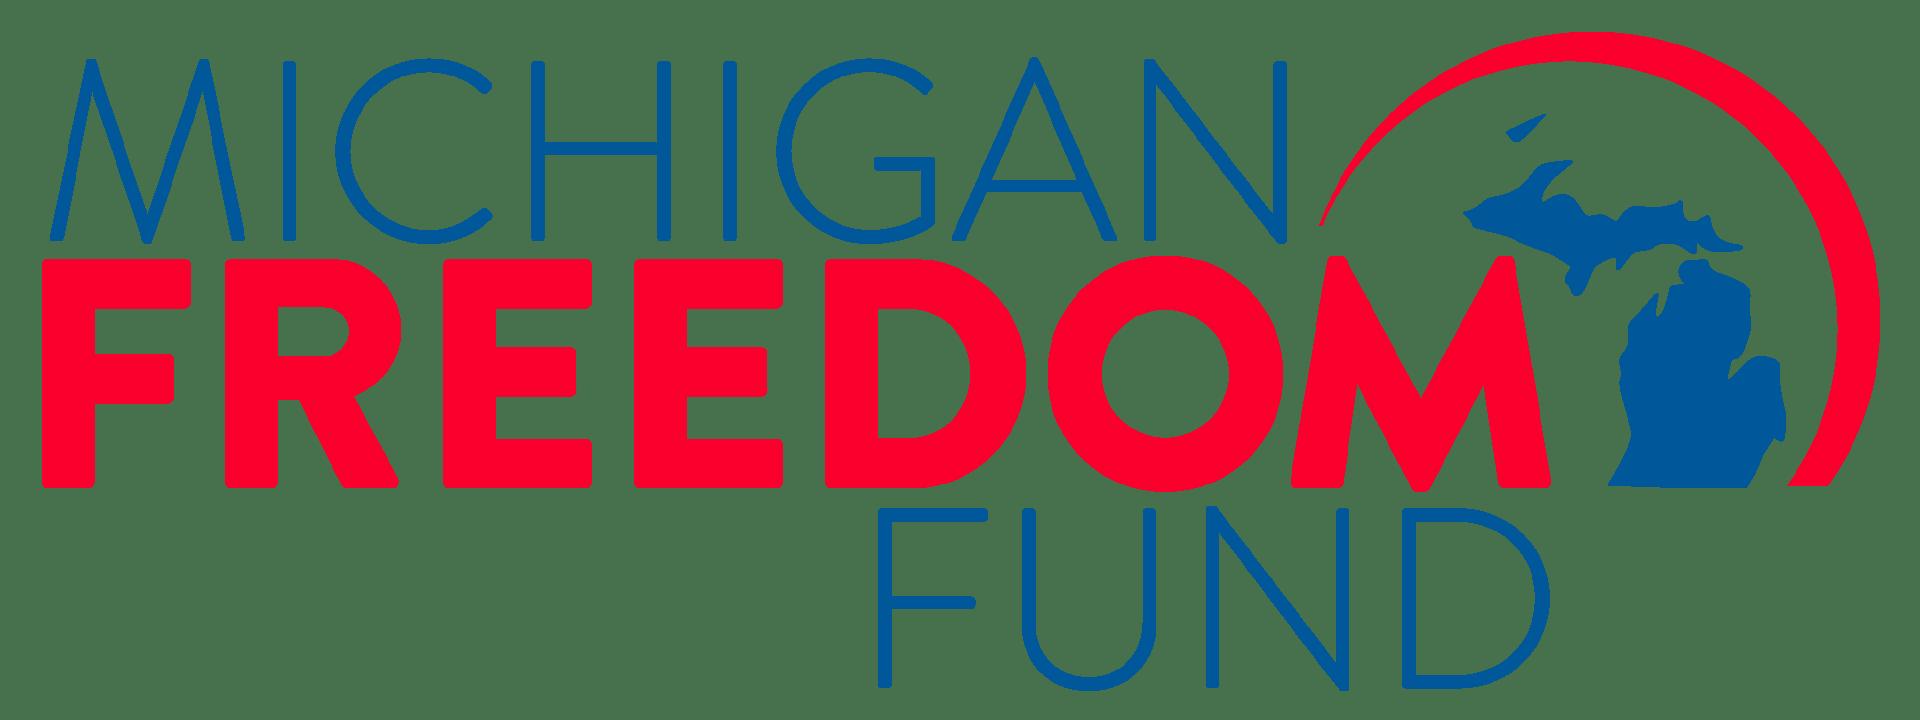 Michiganfreedomfund v8.2